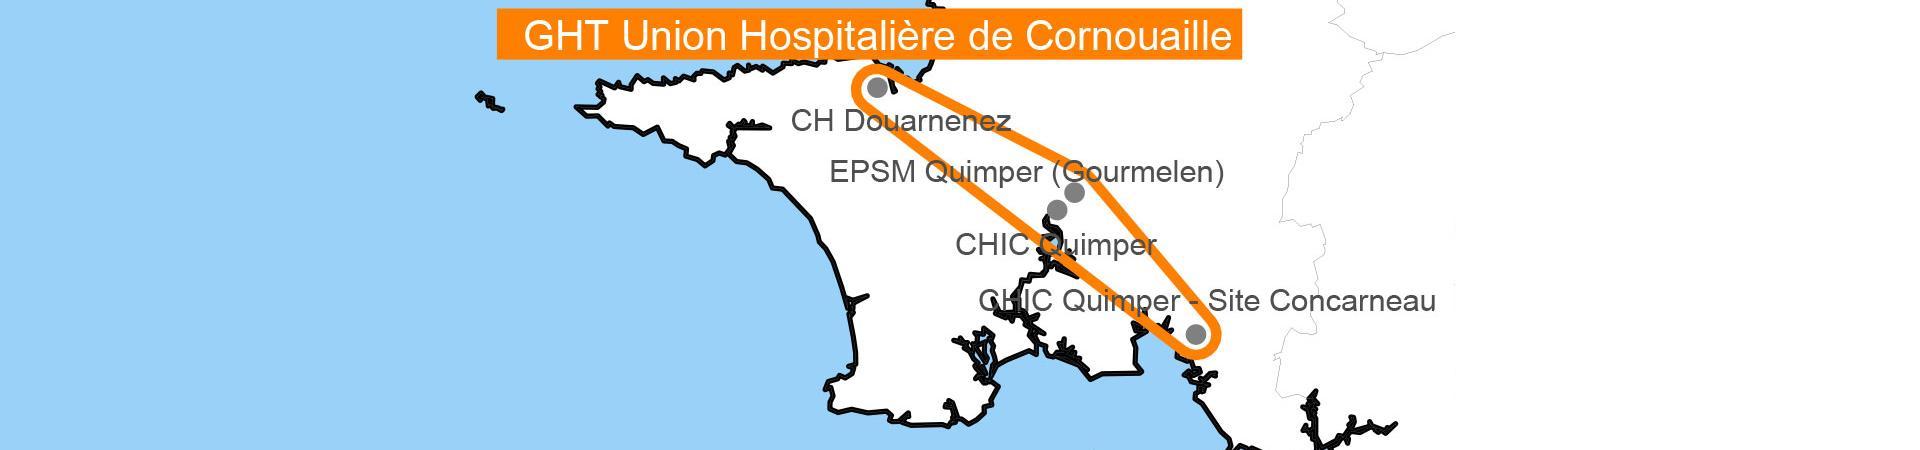 Groupement de Coopération Sanitaire (GCS)